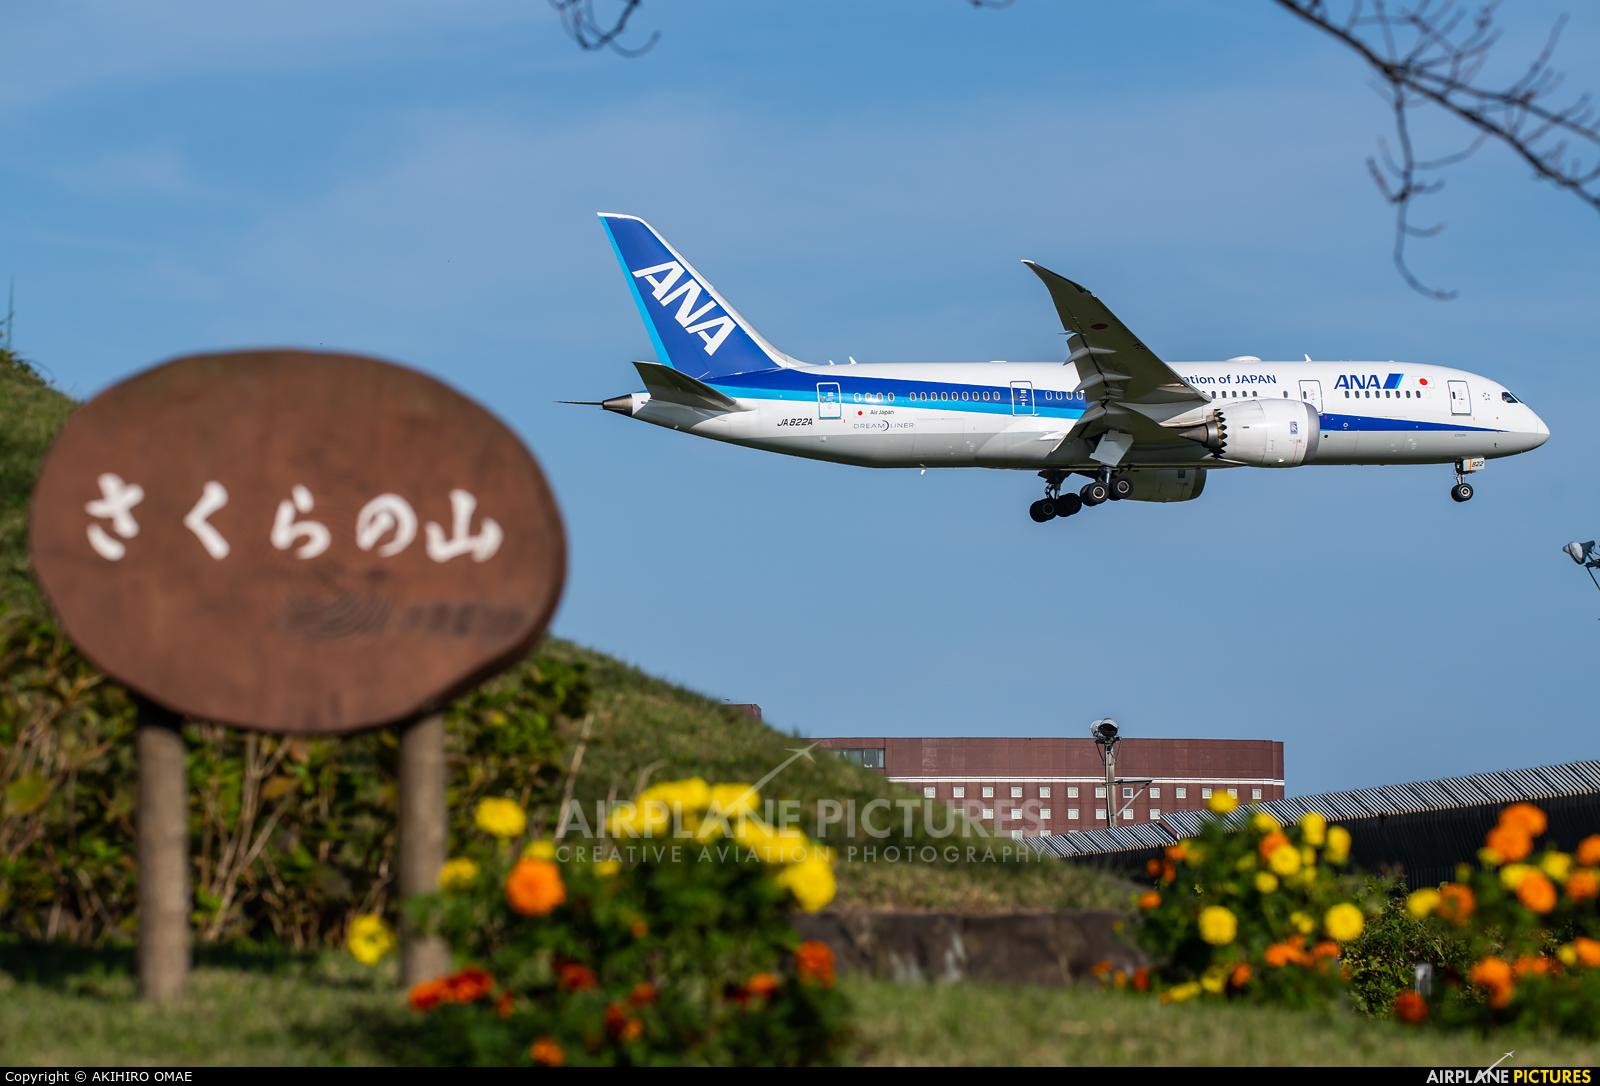 ANA - All Nippon Airways JA822A aircraft at Tokyo - Narita Intl